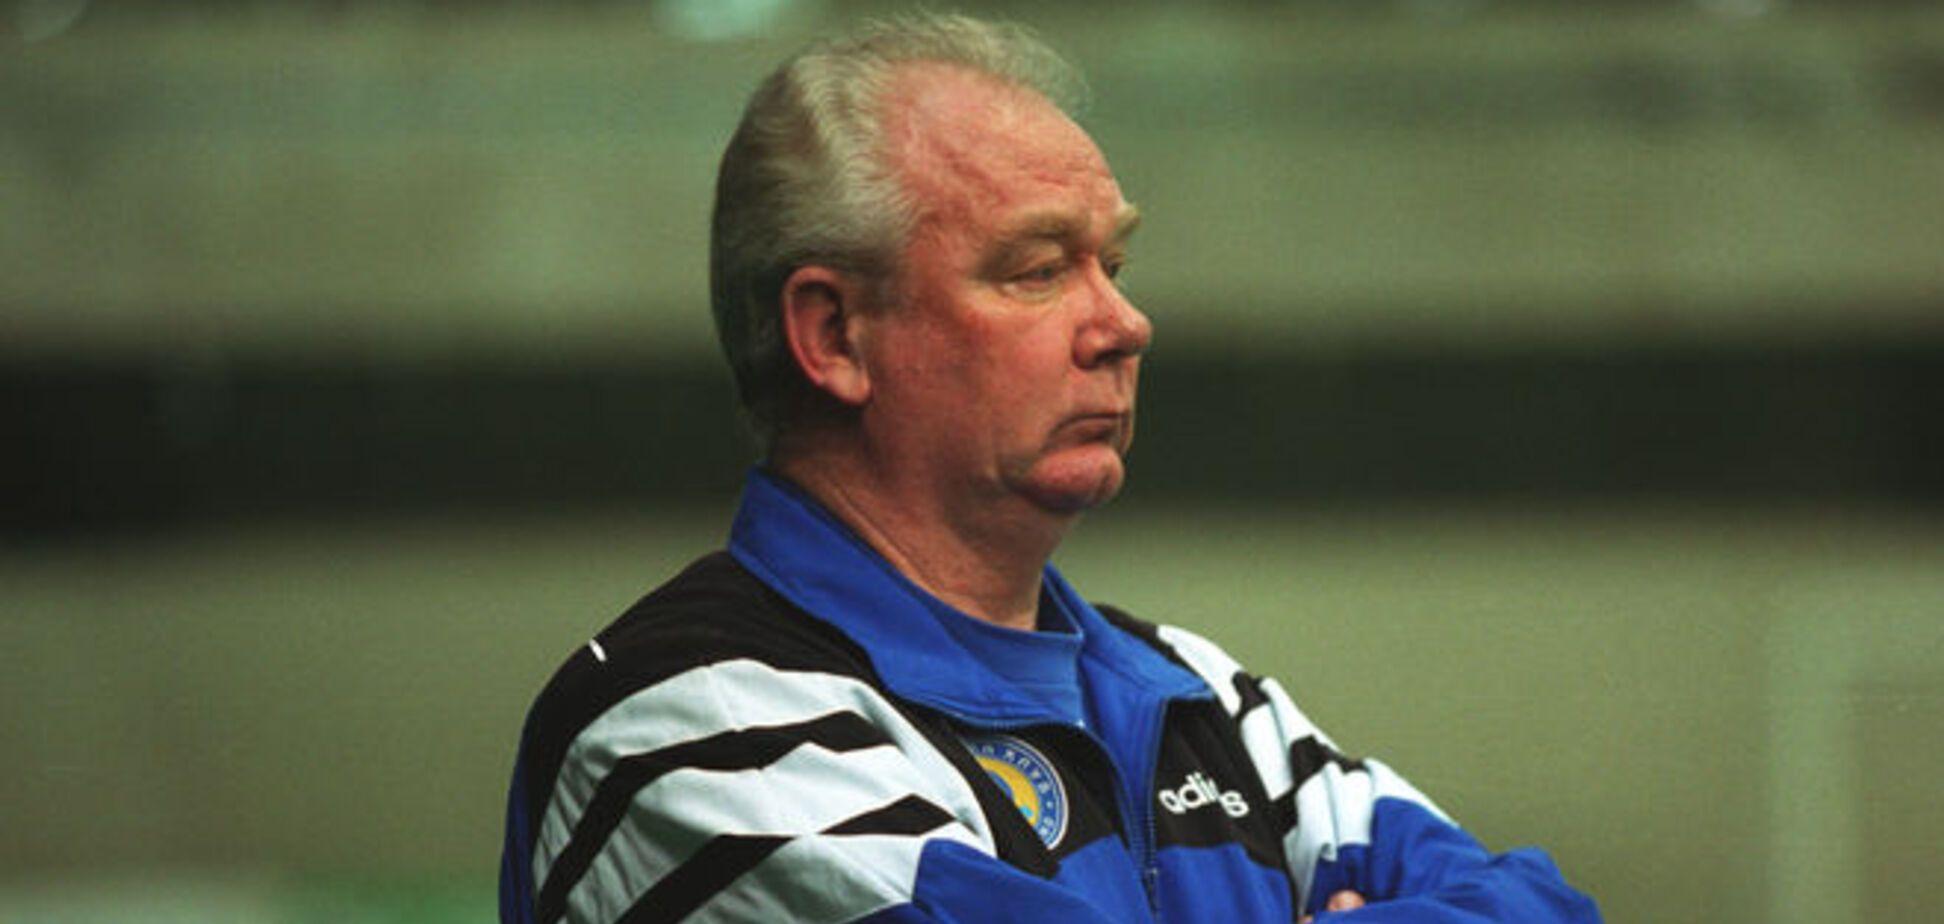 У рейтингу і Лобановський: Алекс Фергюсон названий найкращим тренером в історії футболу